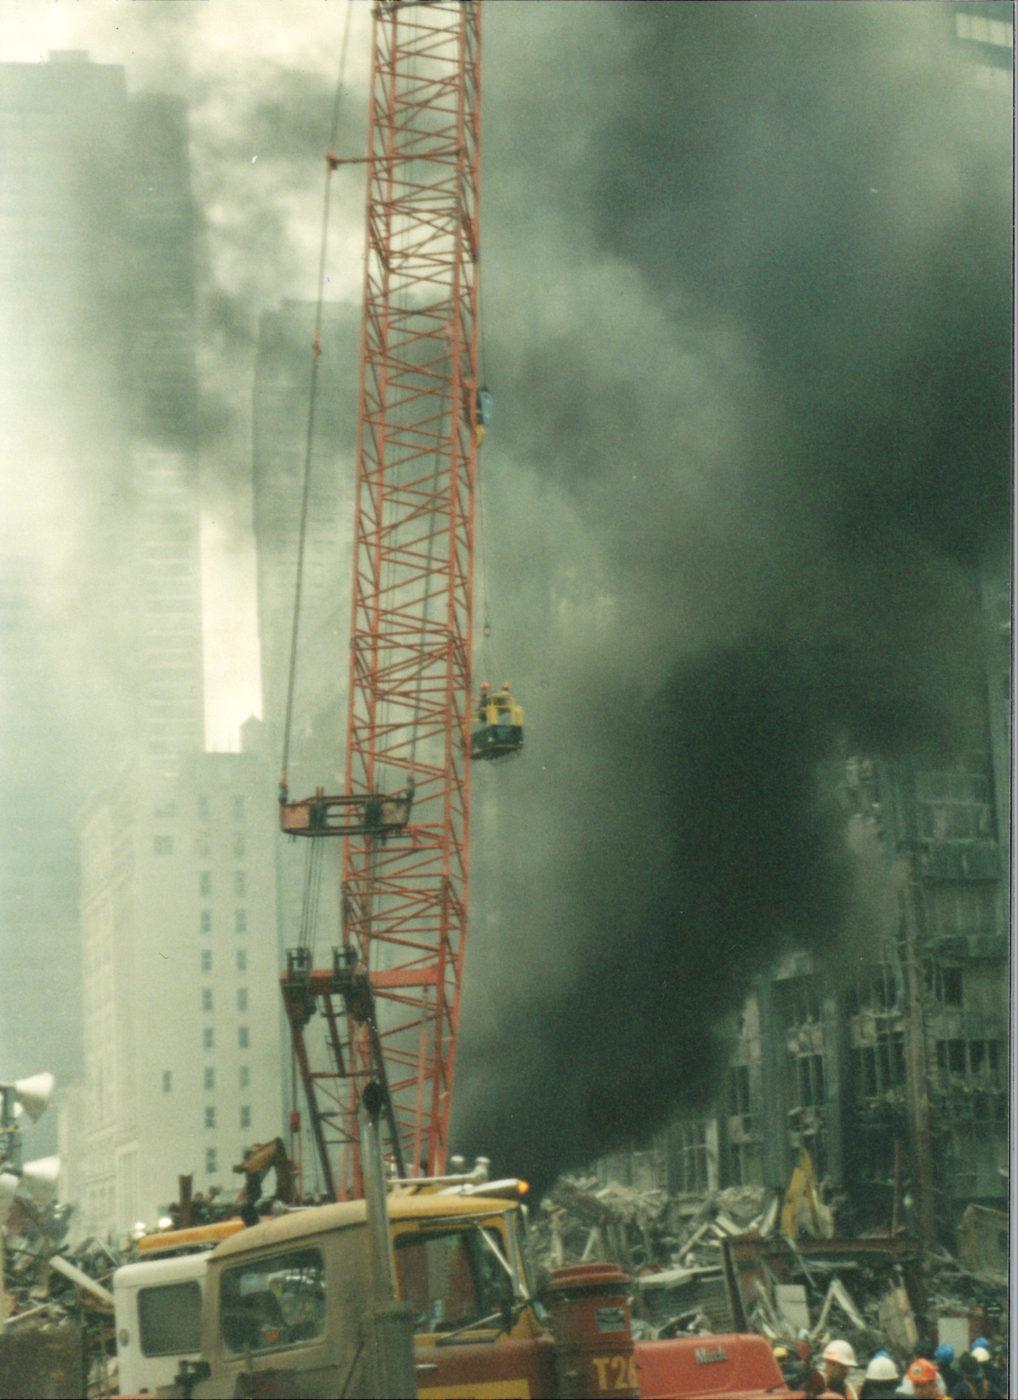 Crane working in the smoke at ground zero